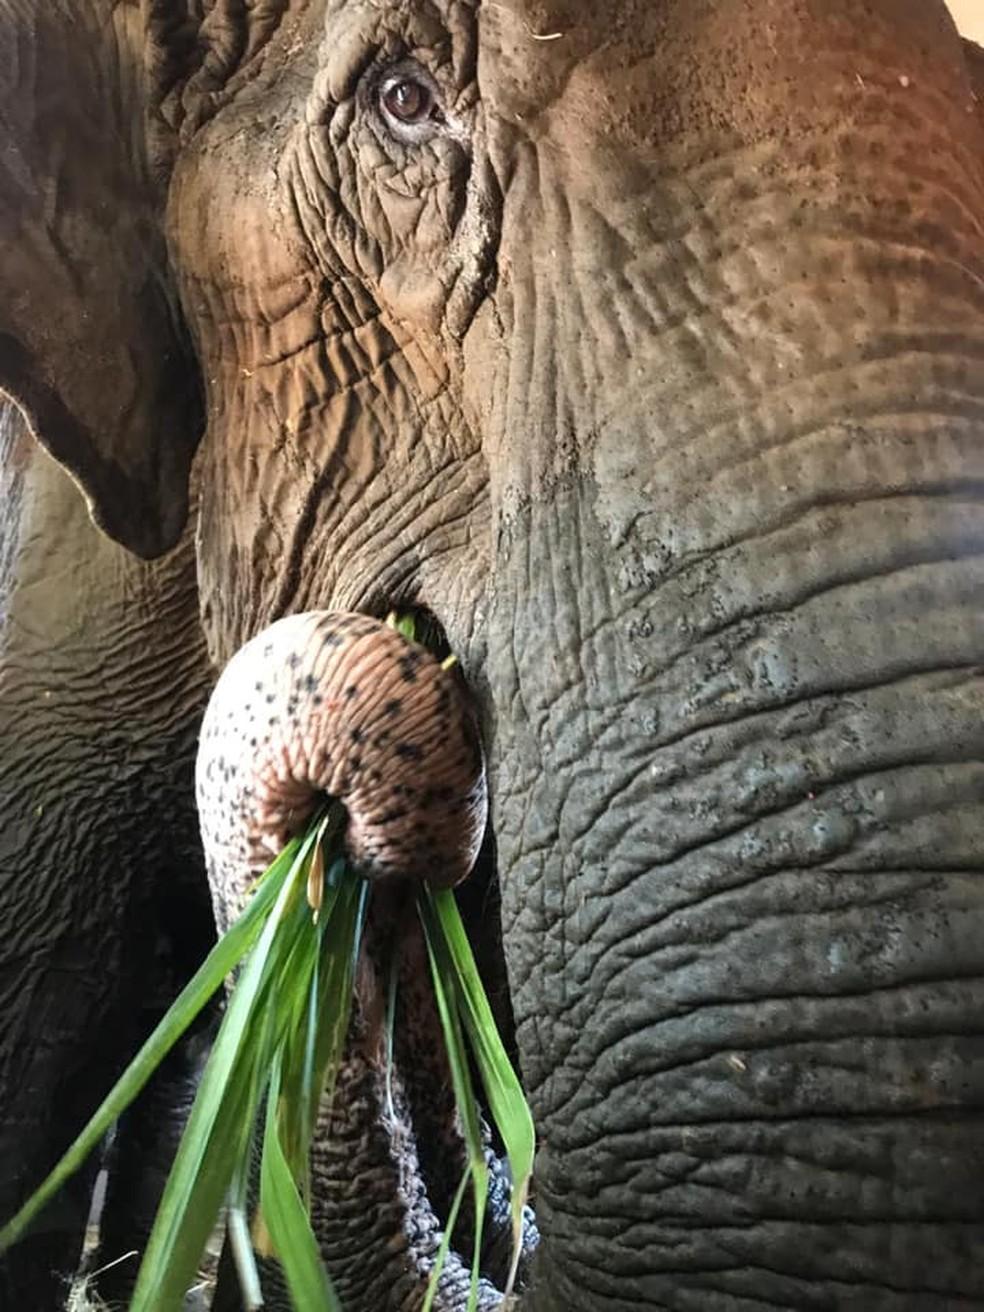 Ramba foi resgatada de um circo onde sofria maus-tratos — Foto: Santuário dos Elefantes/Divulgação